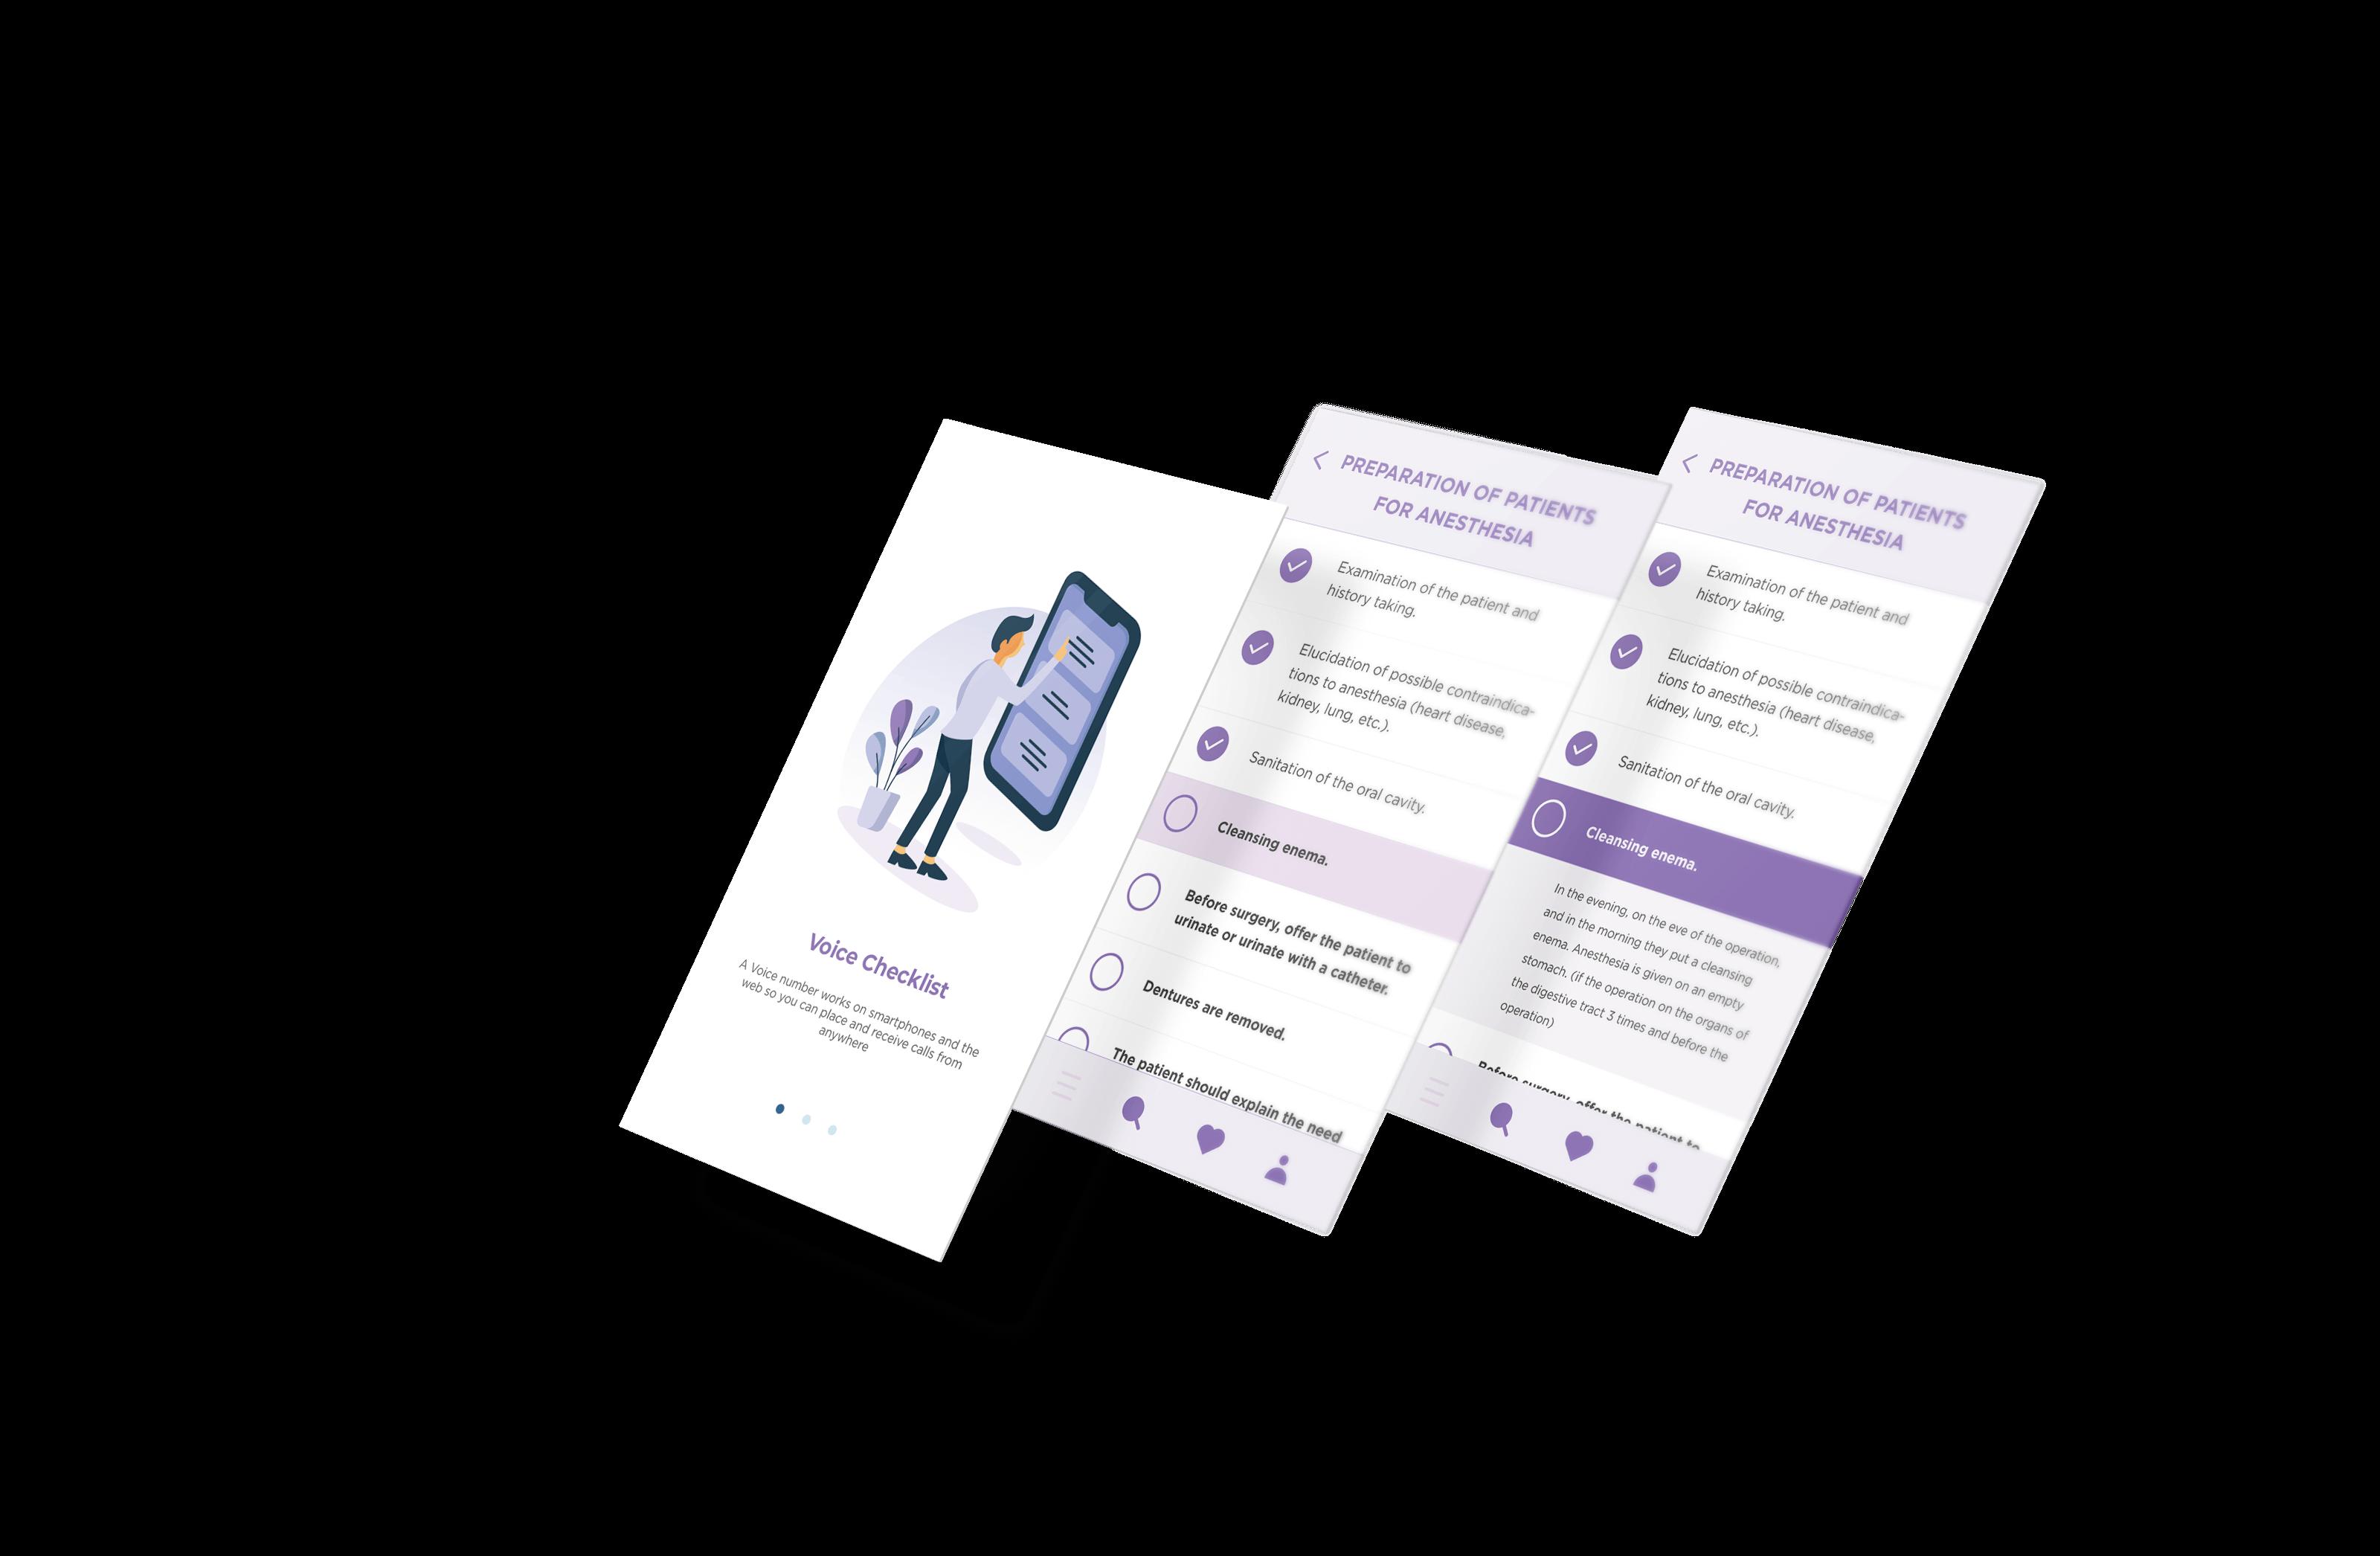 Voice Recognition Checklist App